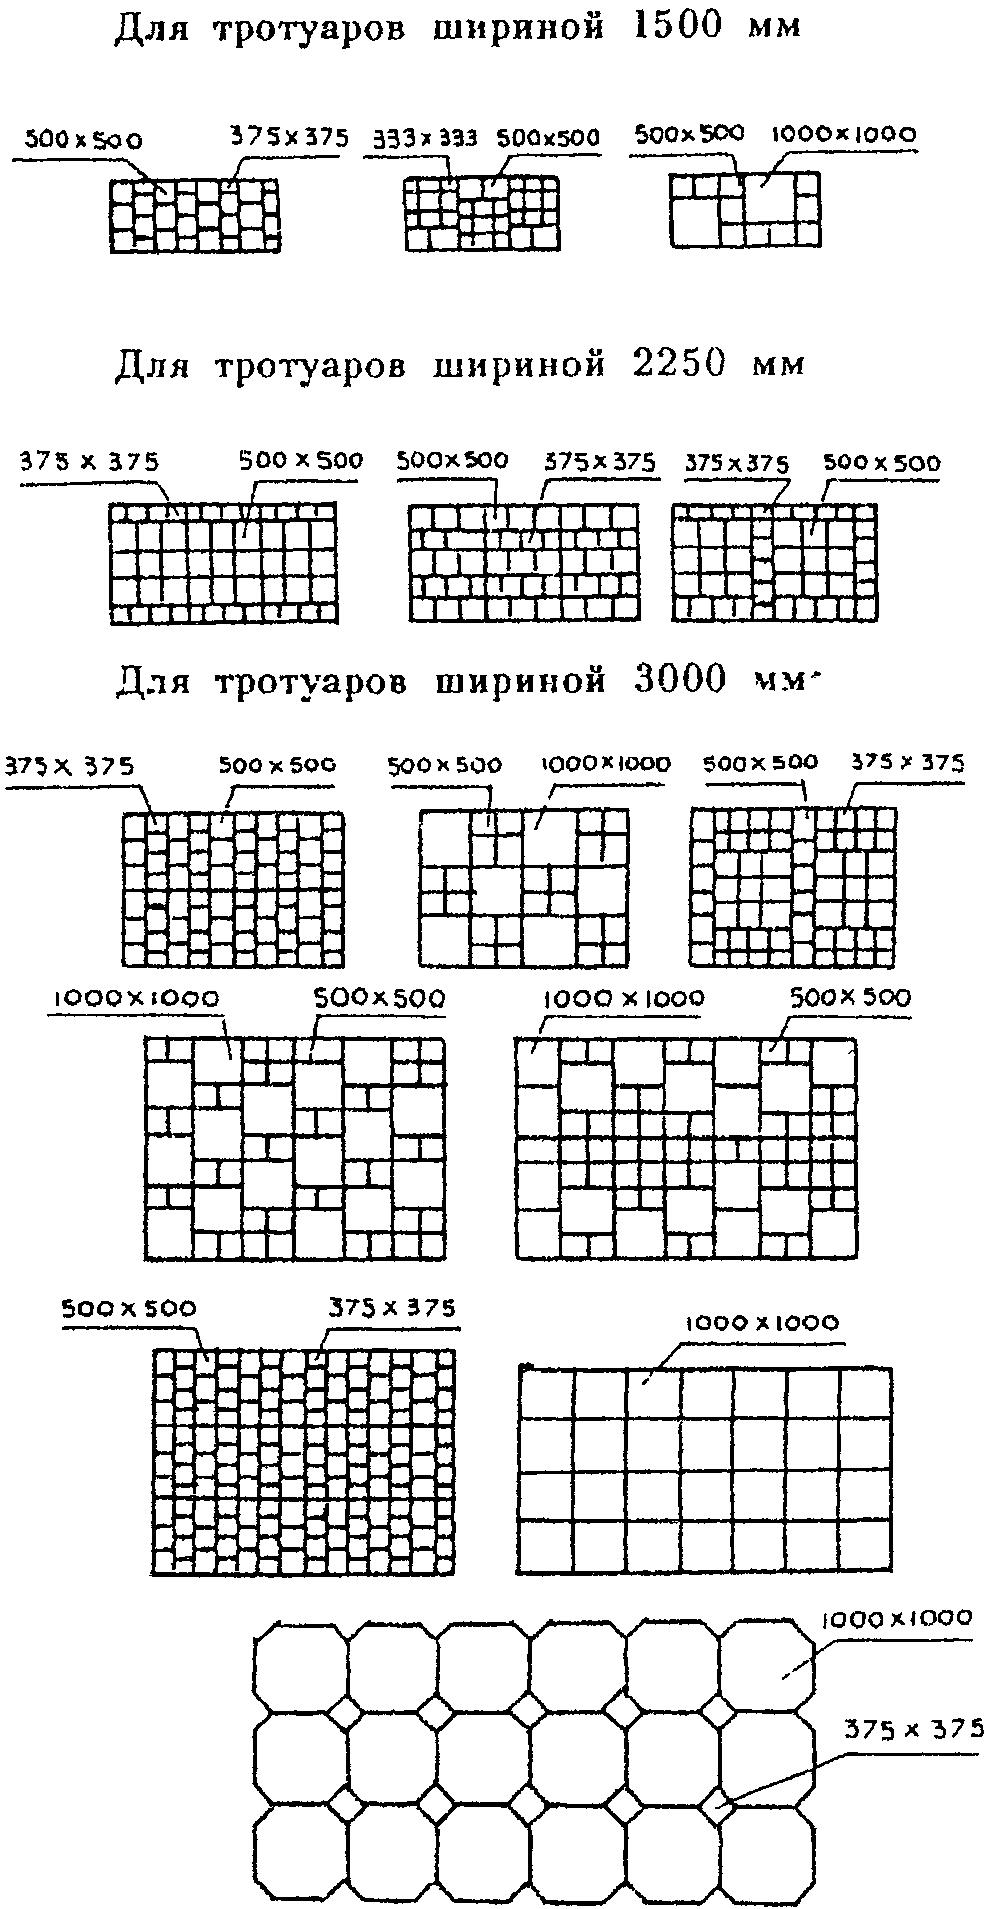 инструкция по проектированию и рекультивации полигонов